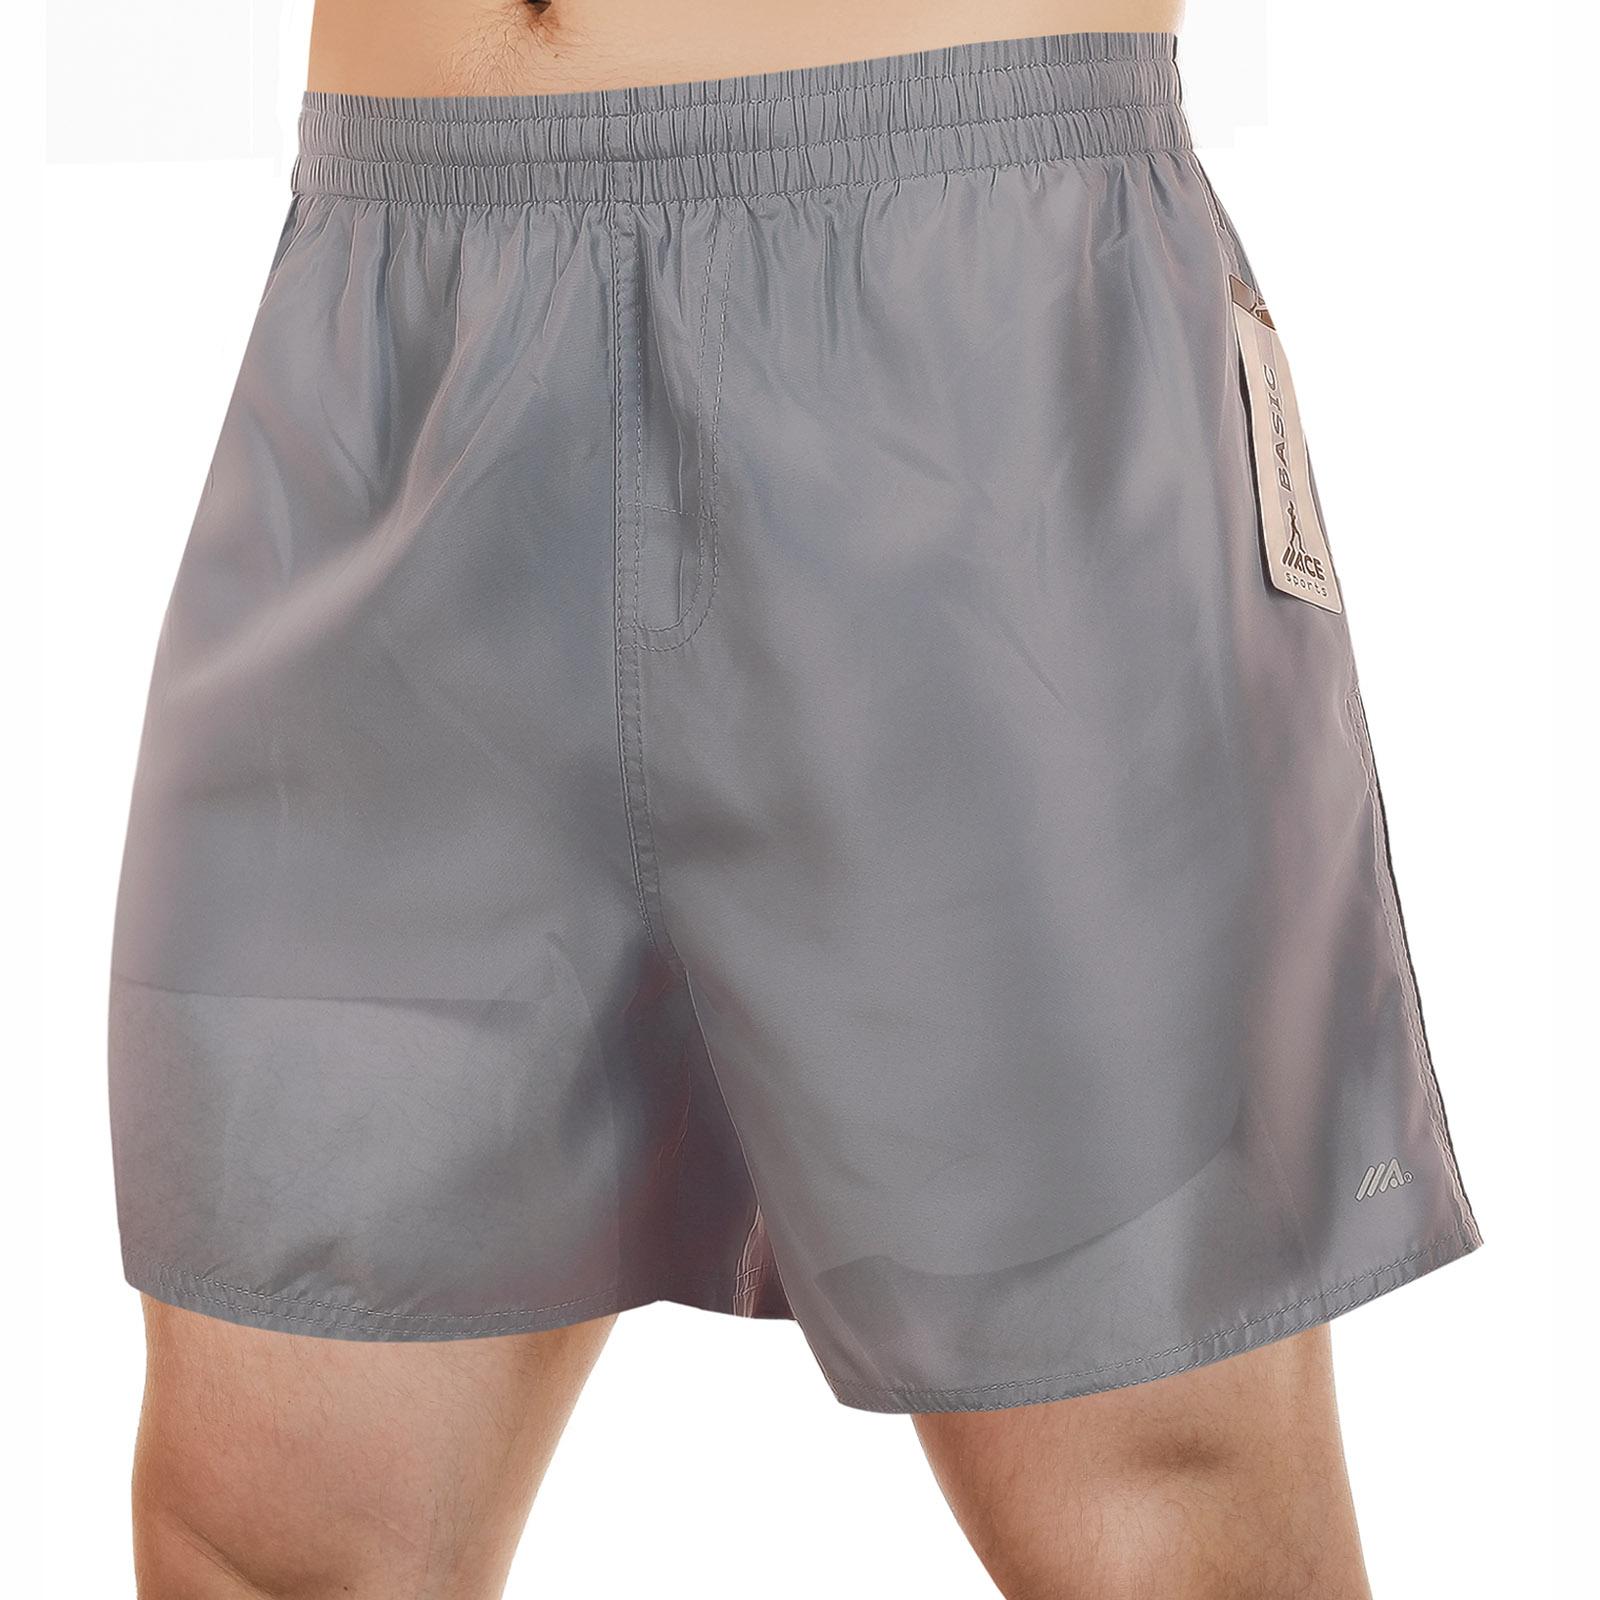 Короткие шорты от канадского бренда MACE, оттягиваться в них круто!